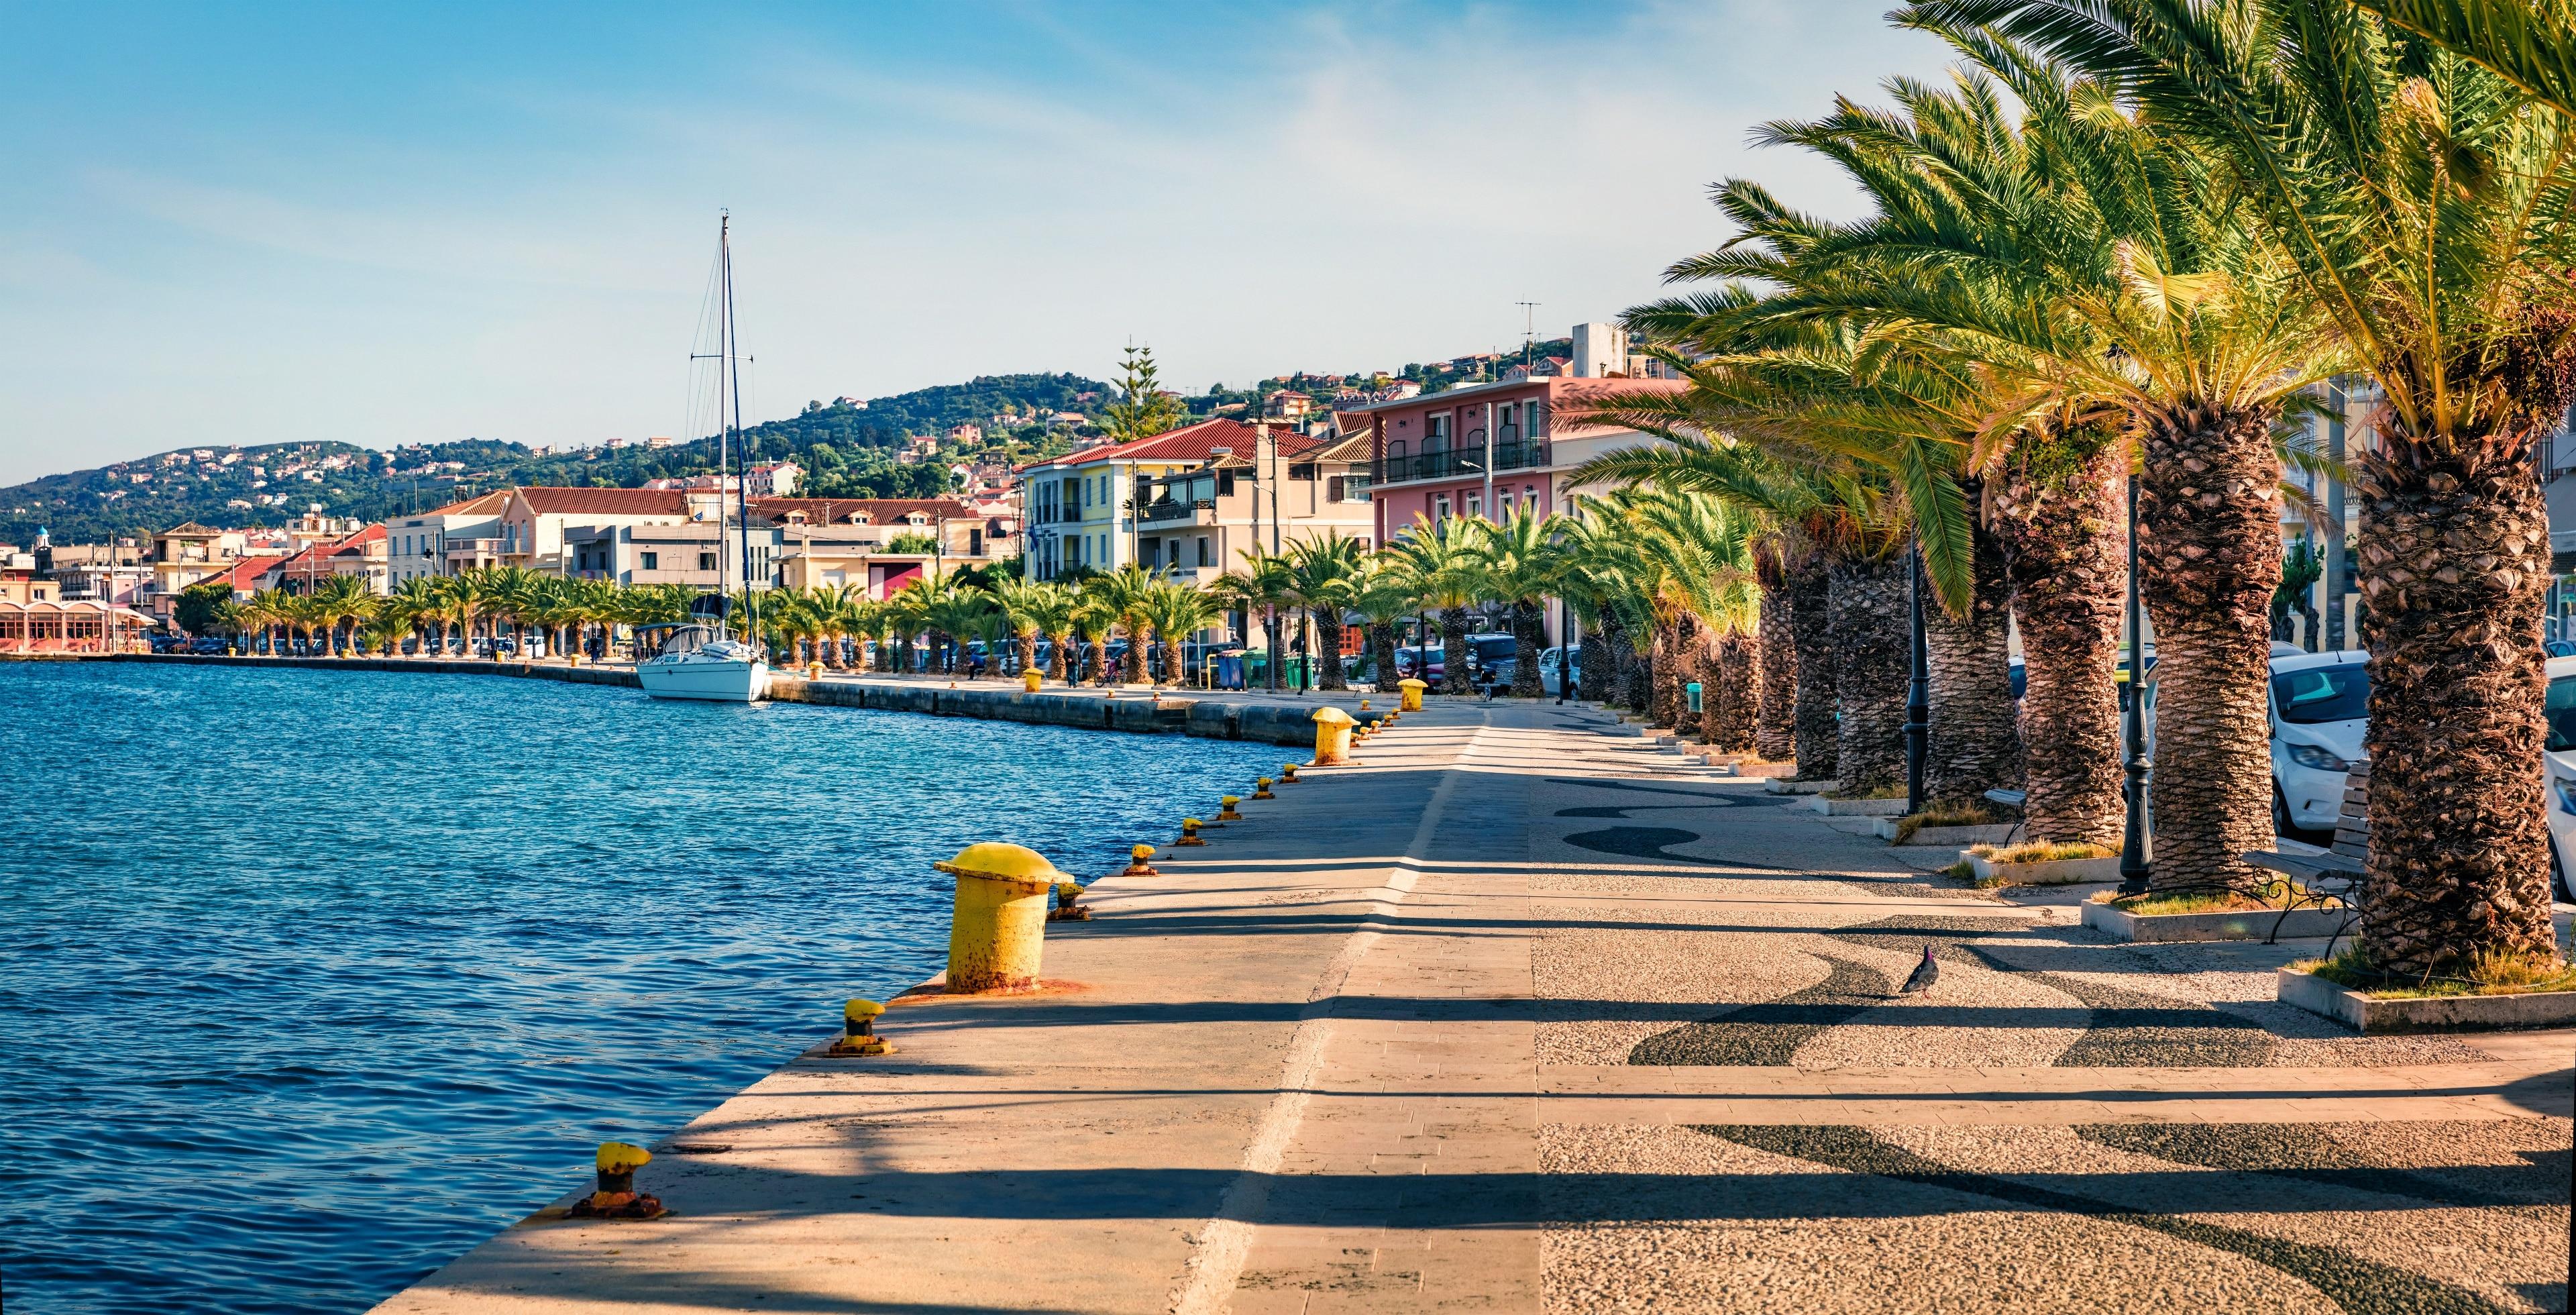 Kefallonia Regional Unit, Ionian Islands Region, Greece